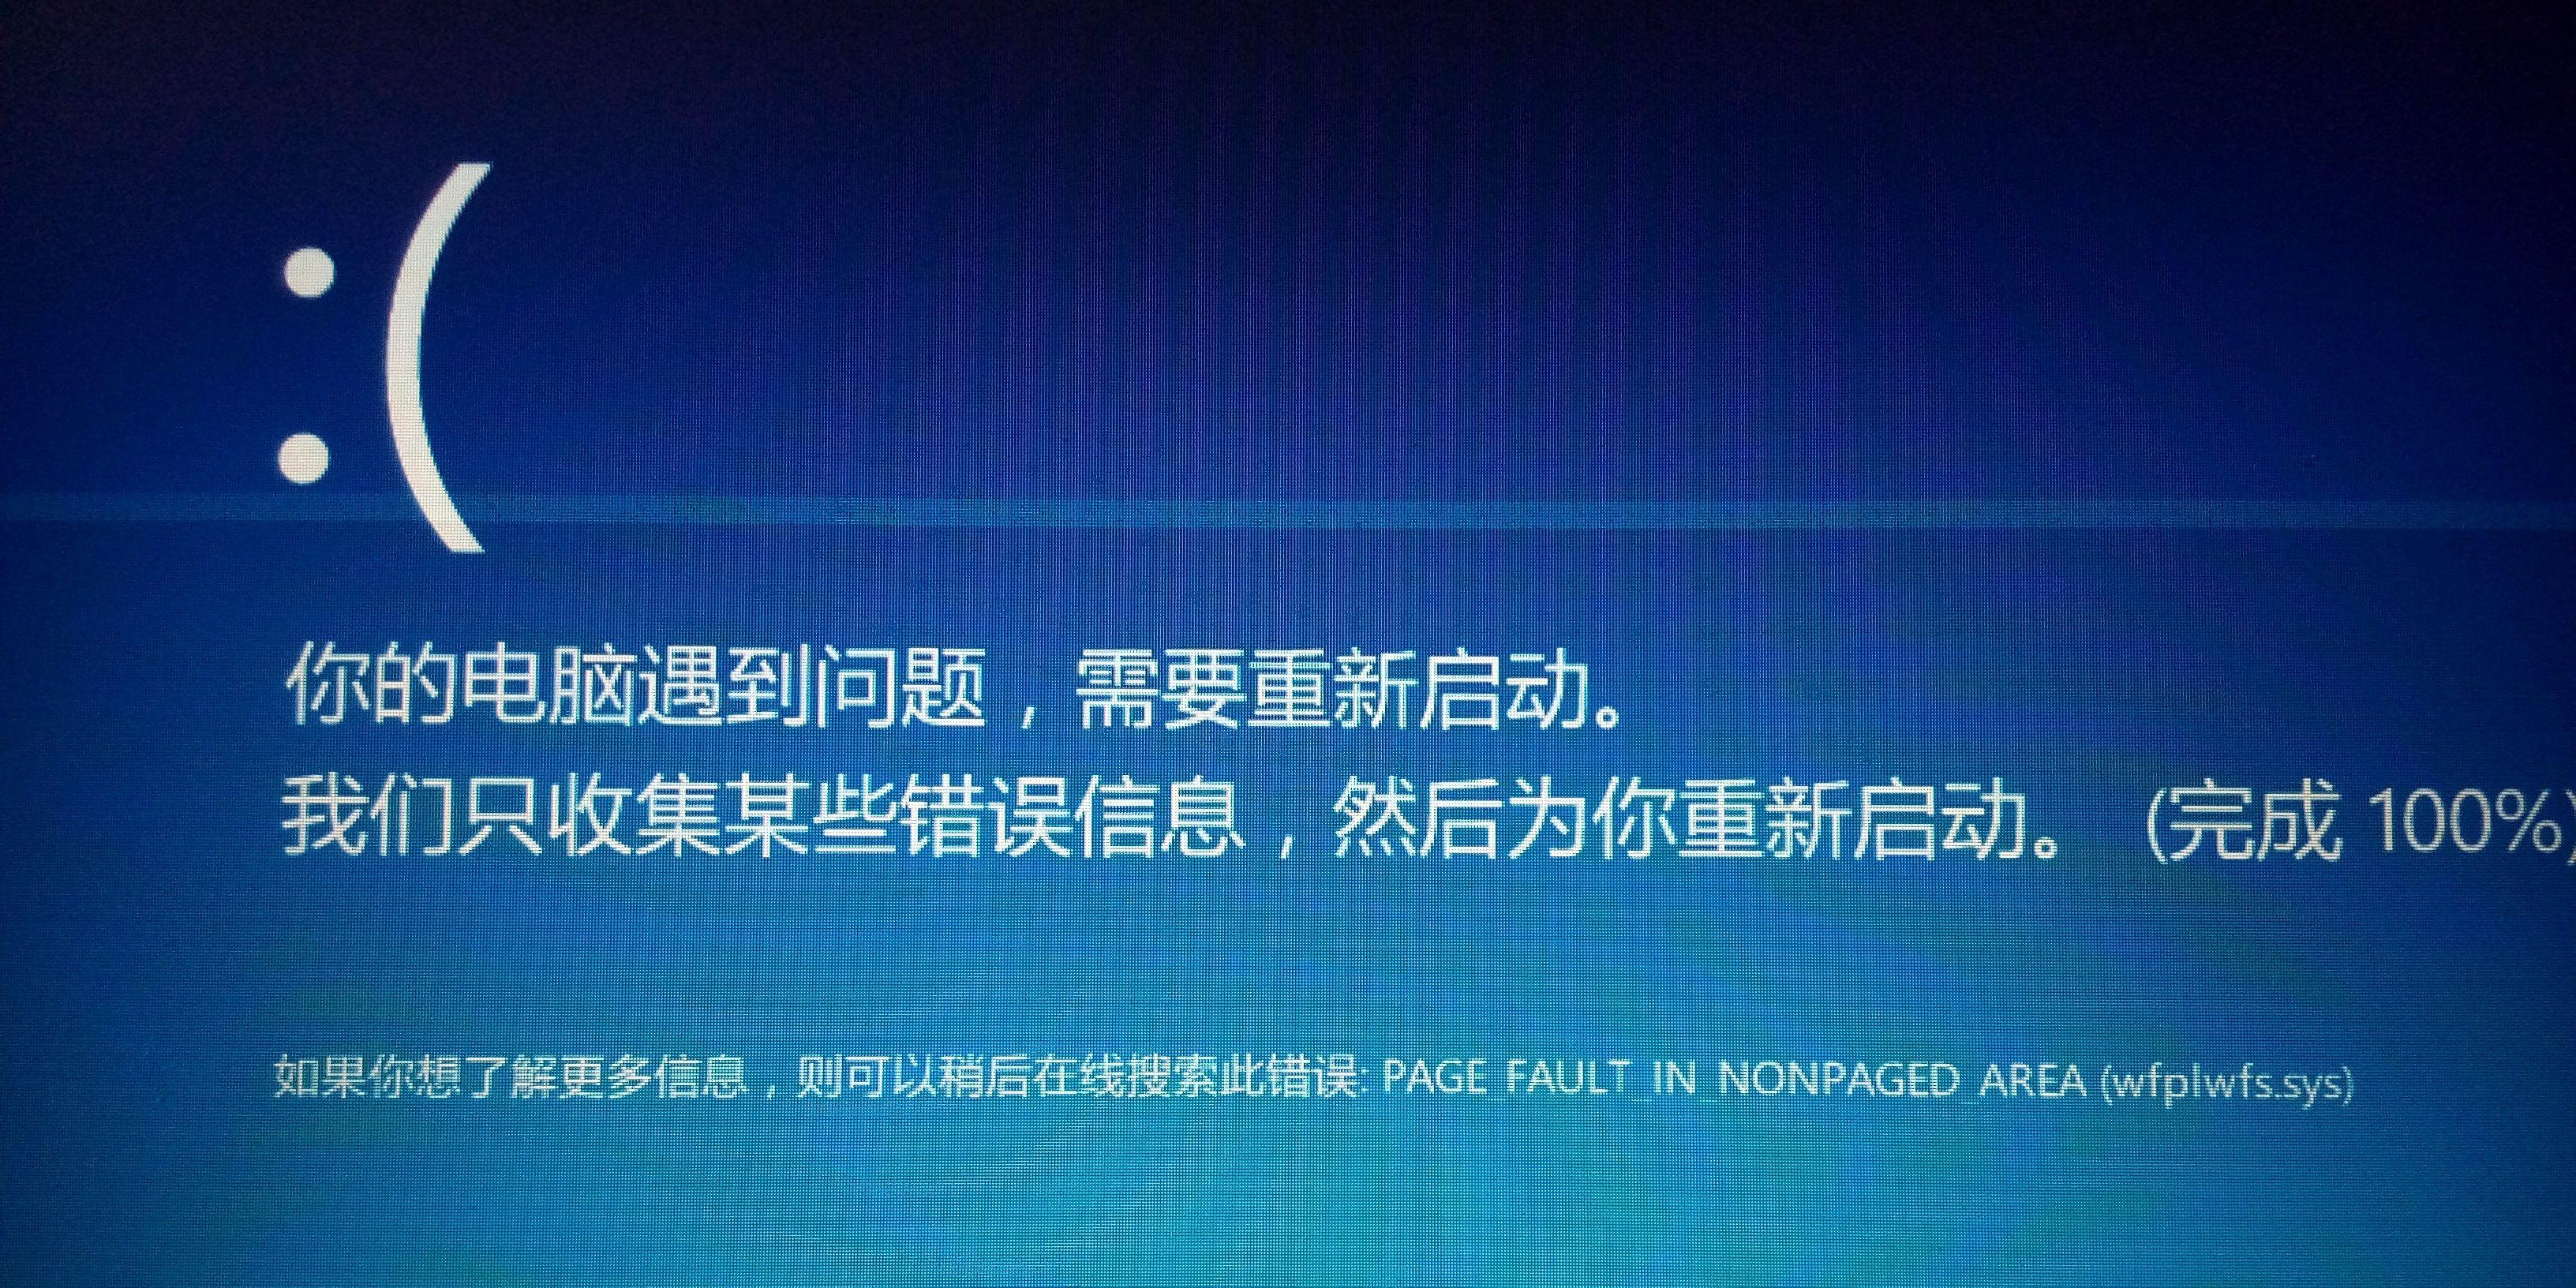 电脑总是自动重启_电脑不关闭屏幕自动重启